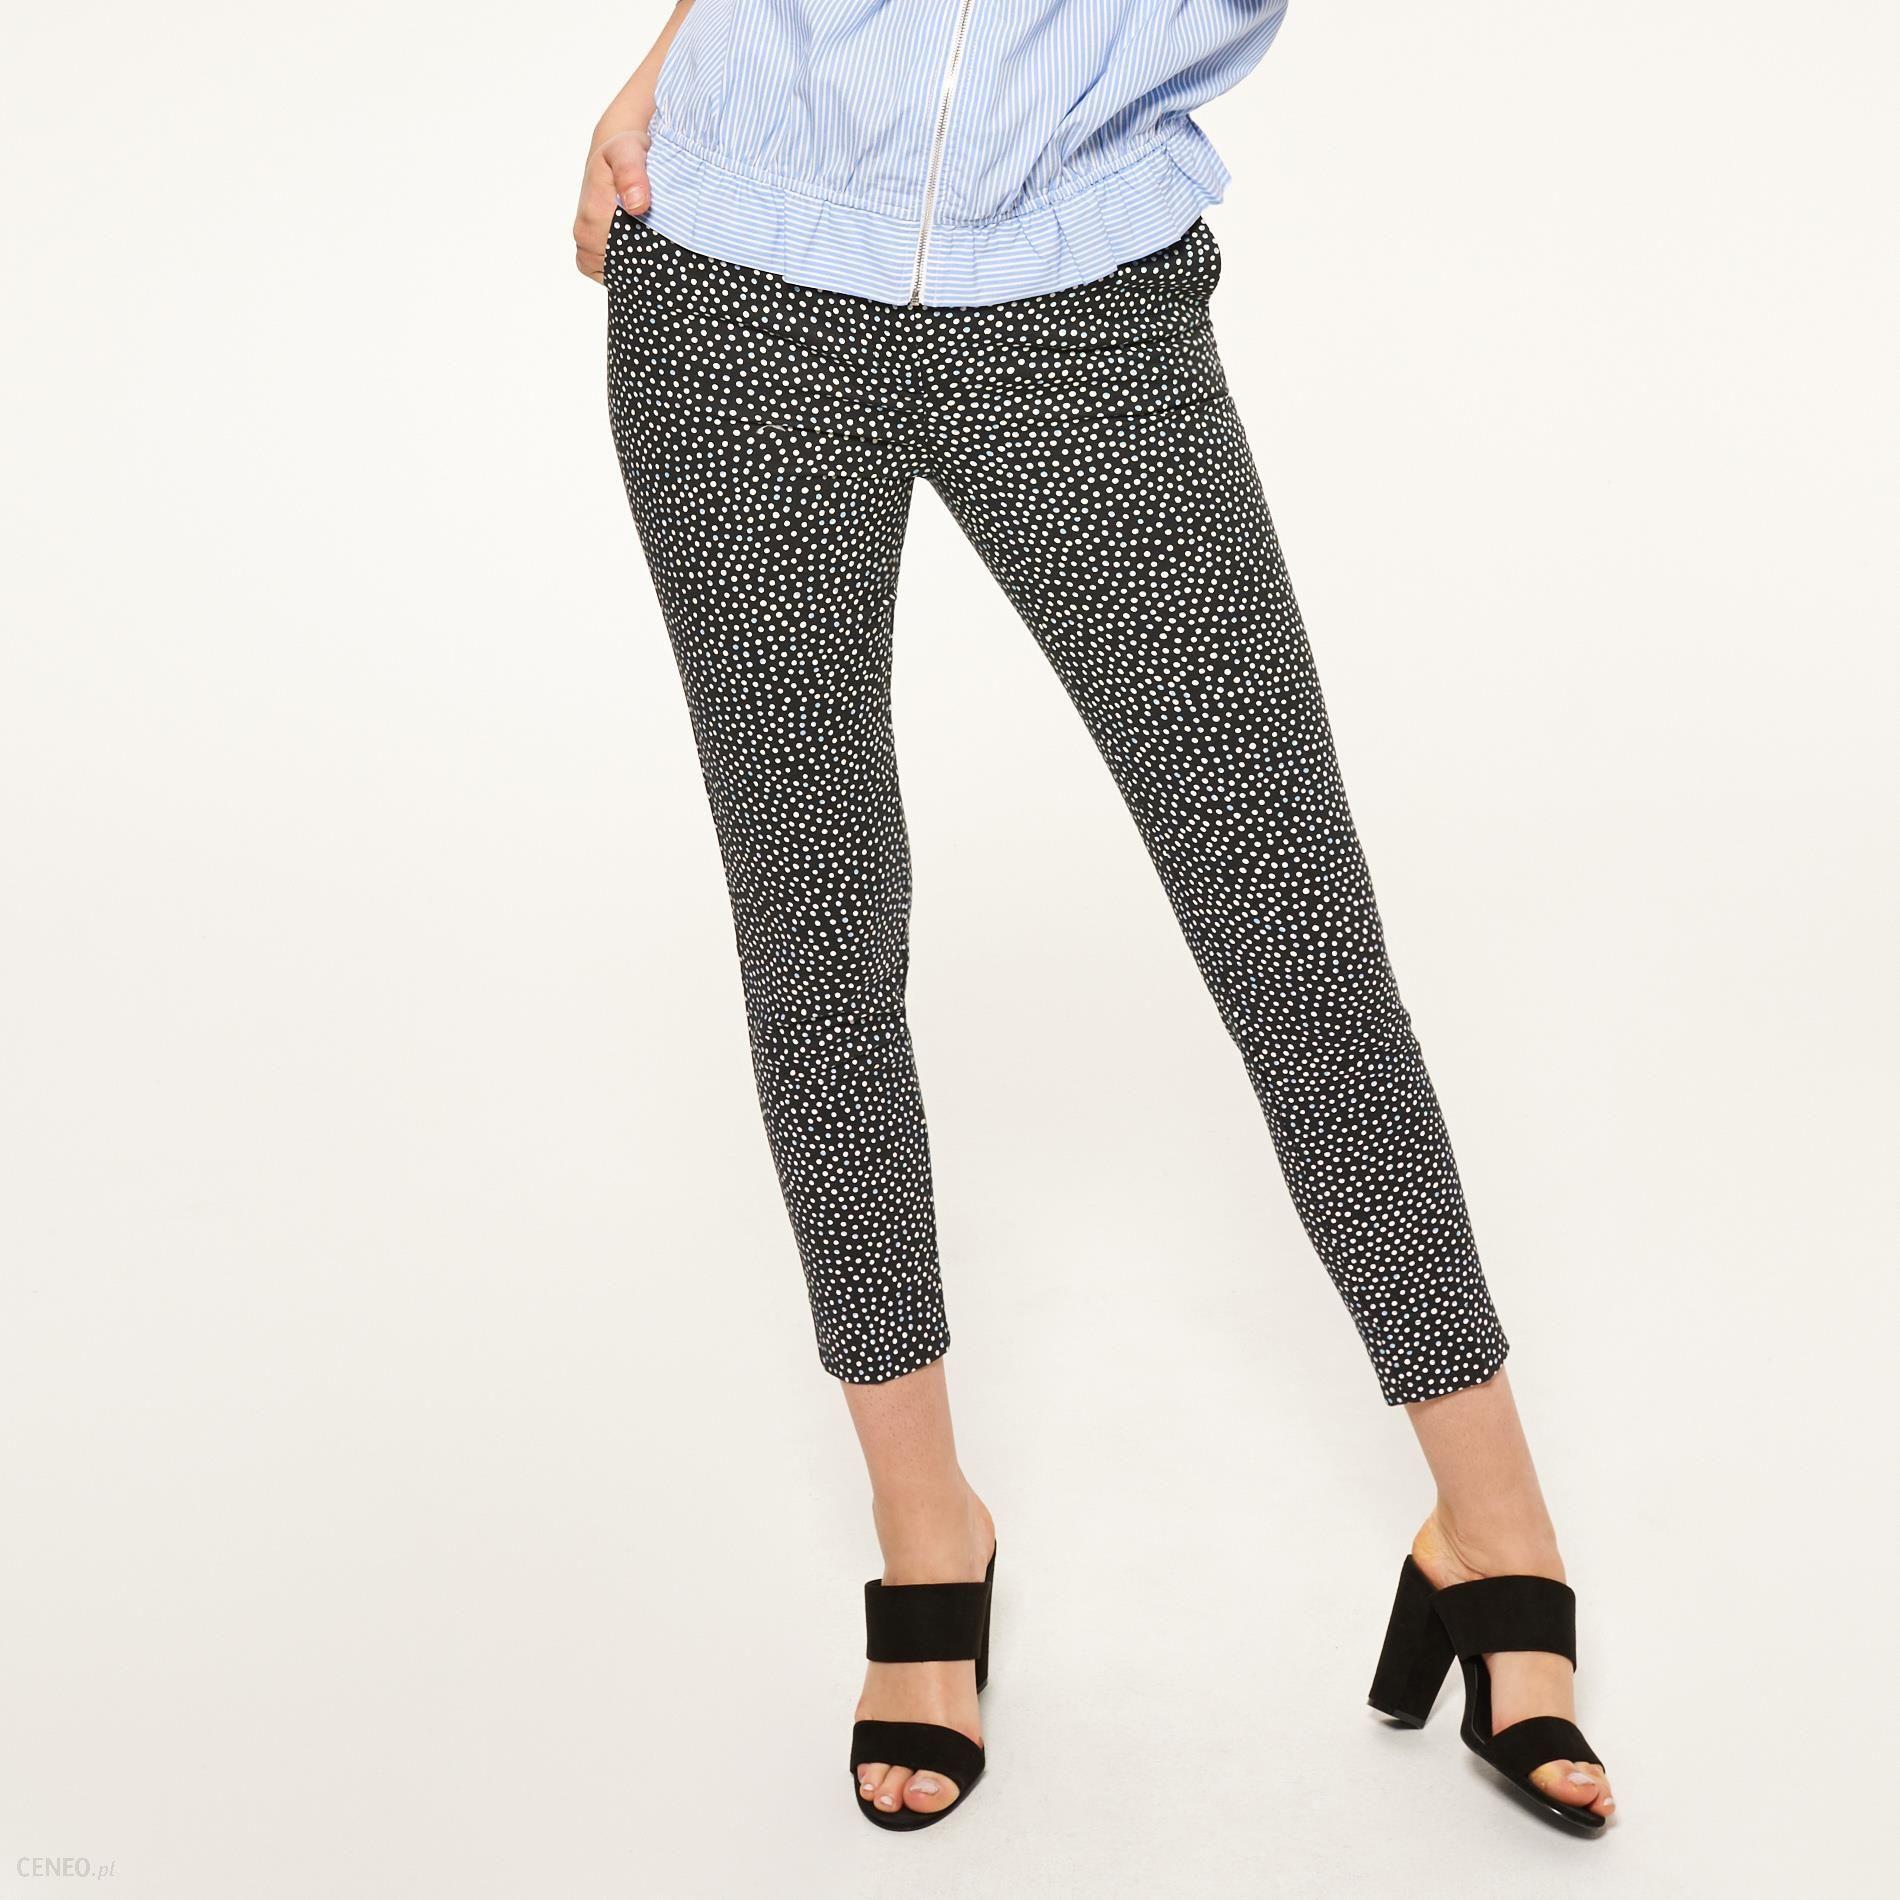 ac1f2640eb06 Reserved - Spodnie cygaretki we wzory - Wielobarwn - damski - Ceny i ...